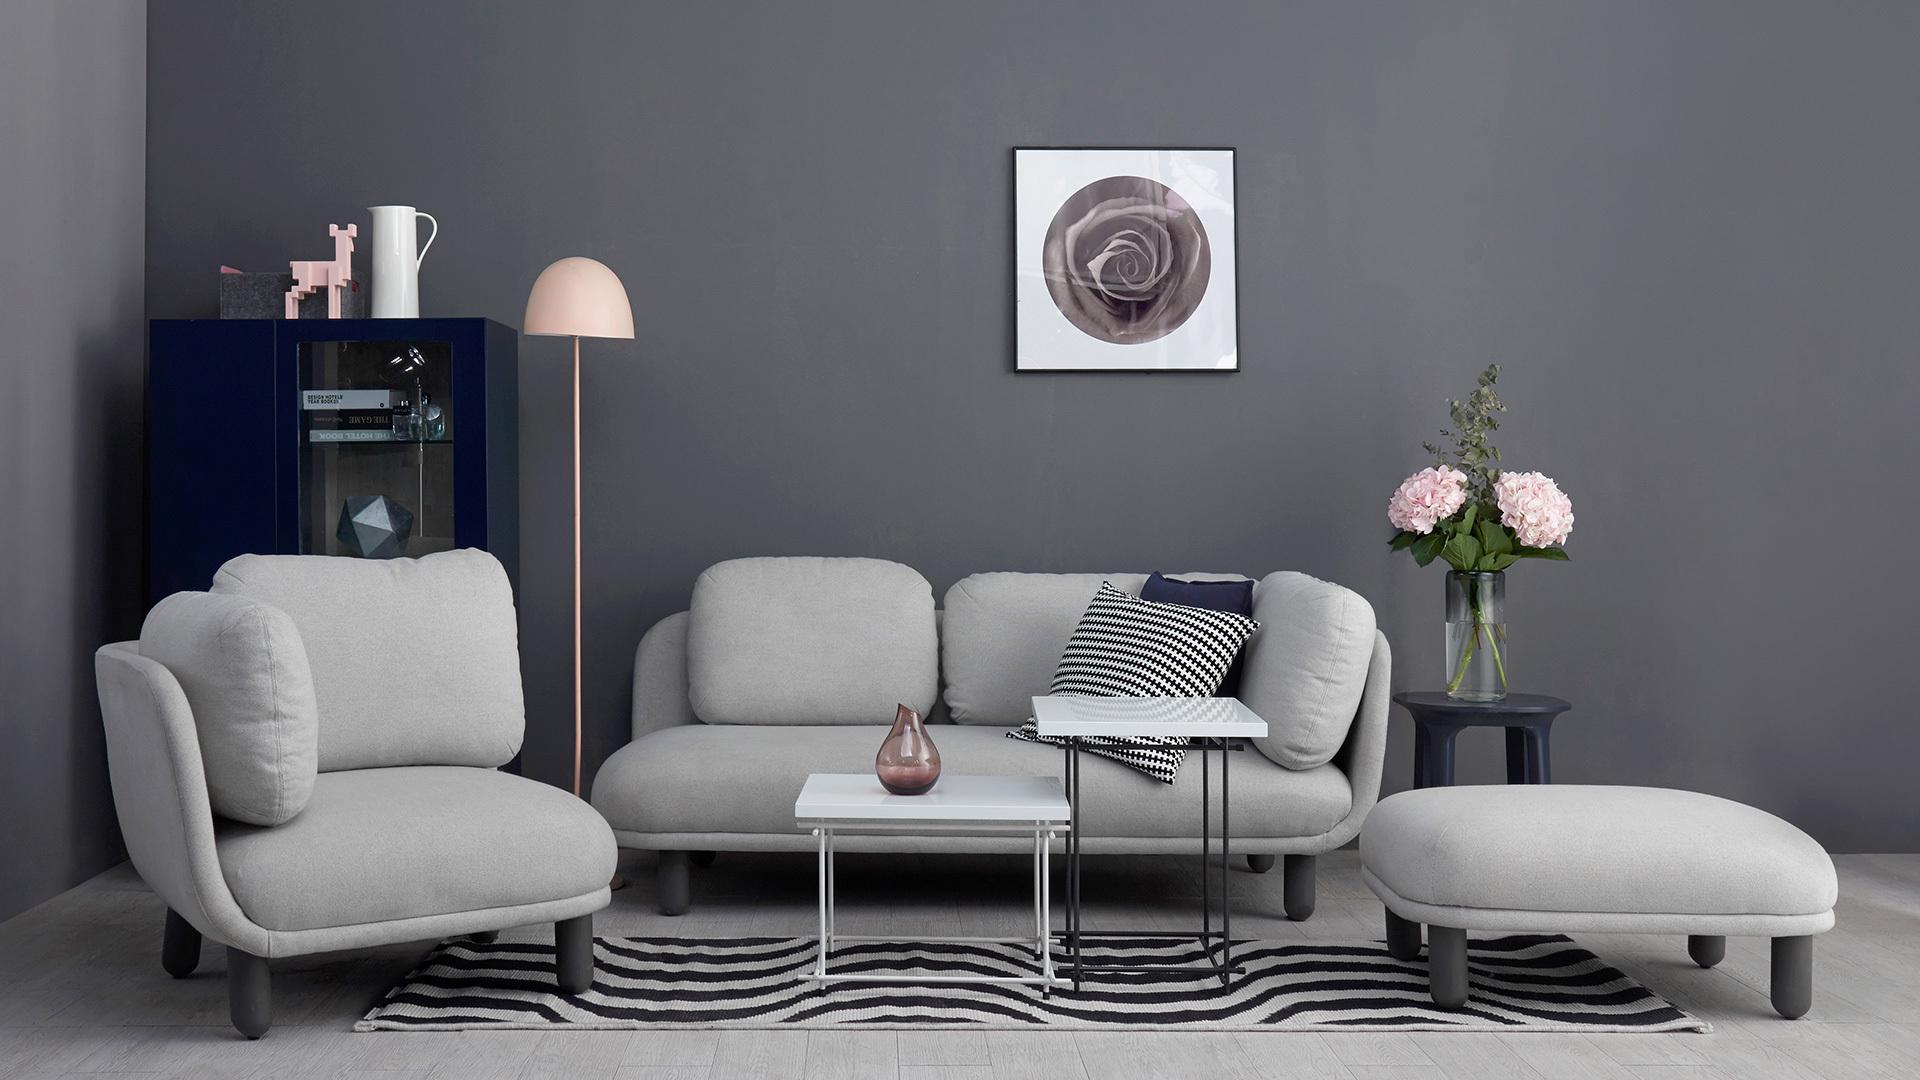 高级灰的客厅墙面,试试用灰白格的云团沙发围合来衬托,多层次的灰调,为客厅奠定性感视线,连冷淡都变得高级。